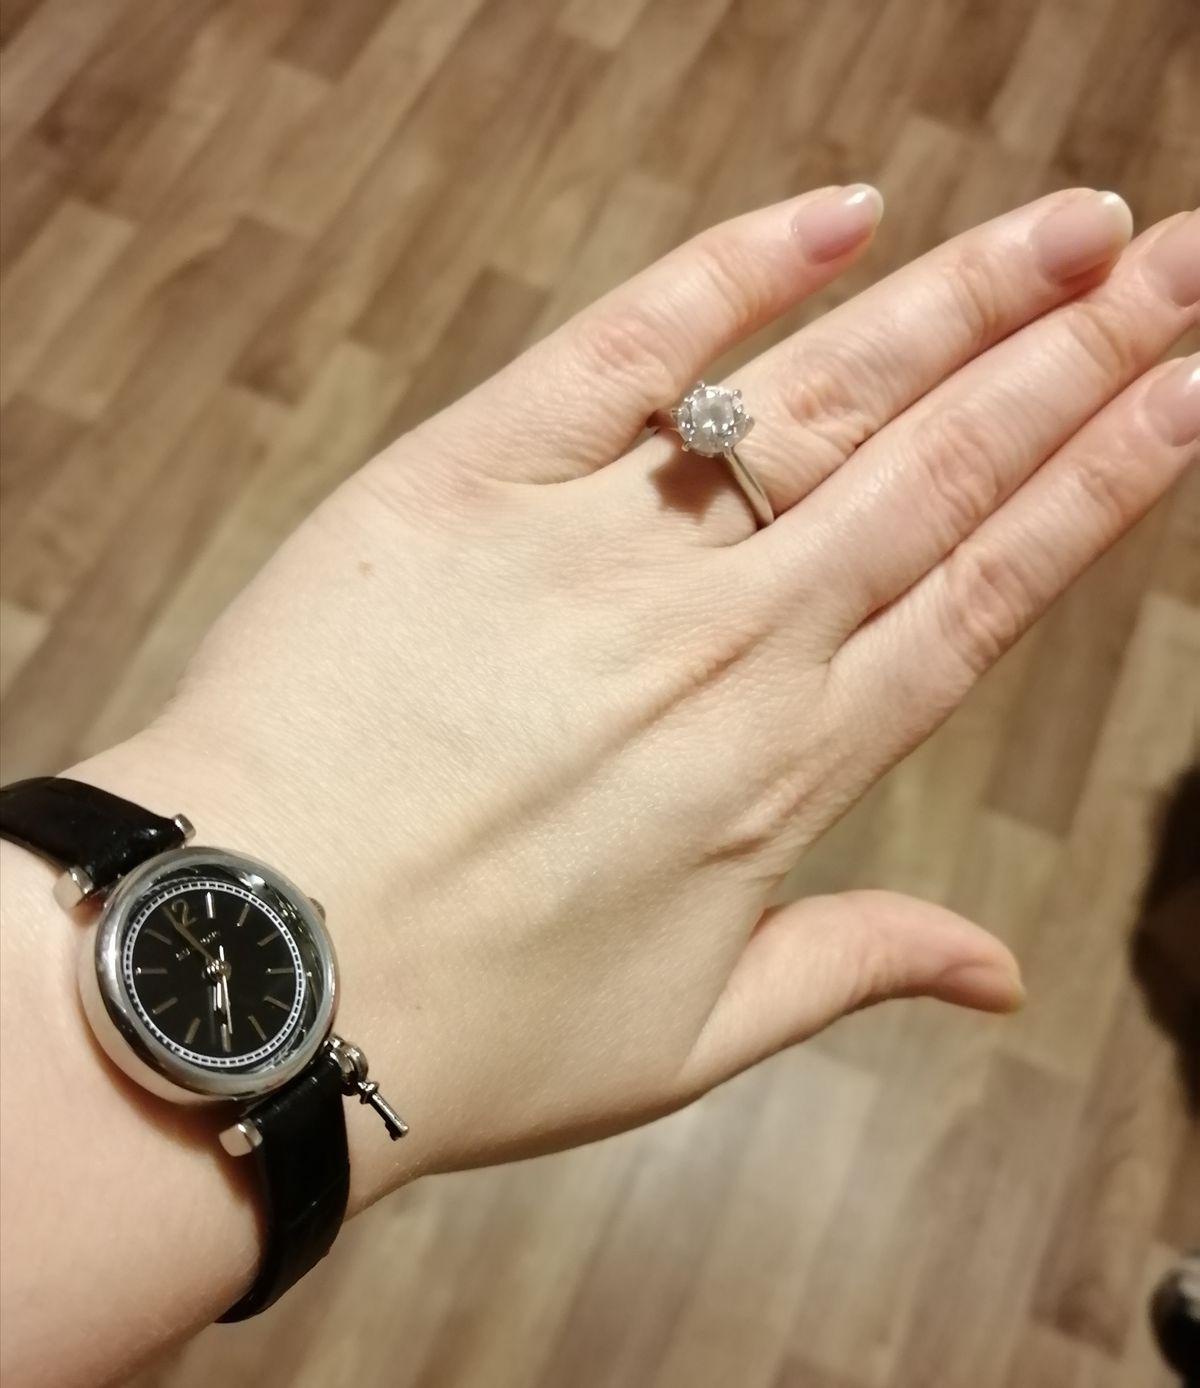 Рекомендую,шикарное кольцо!